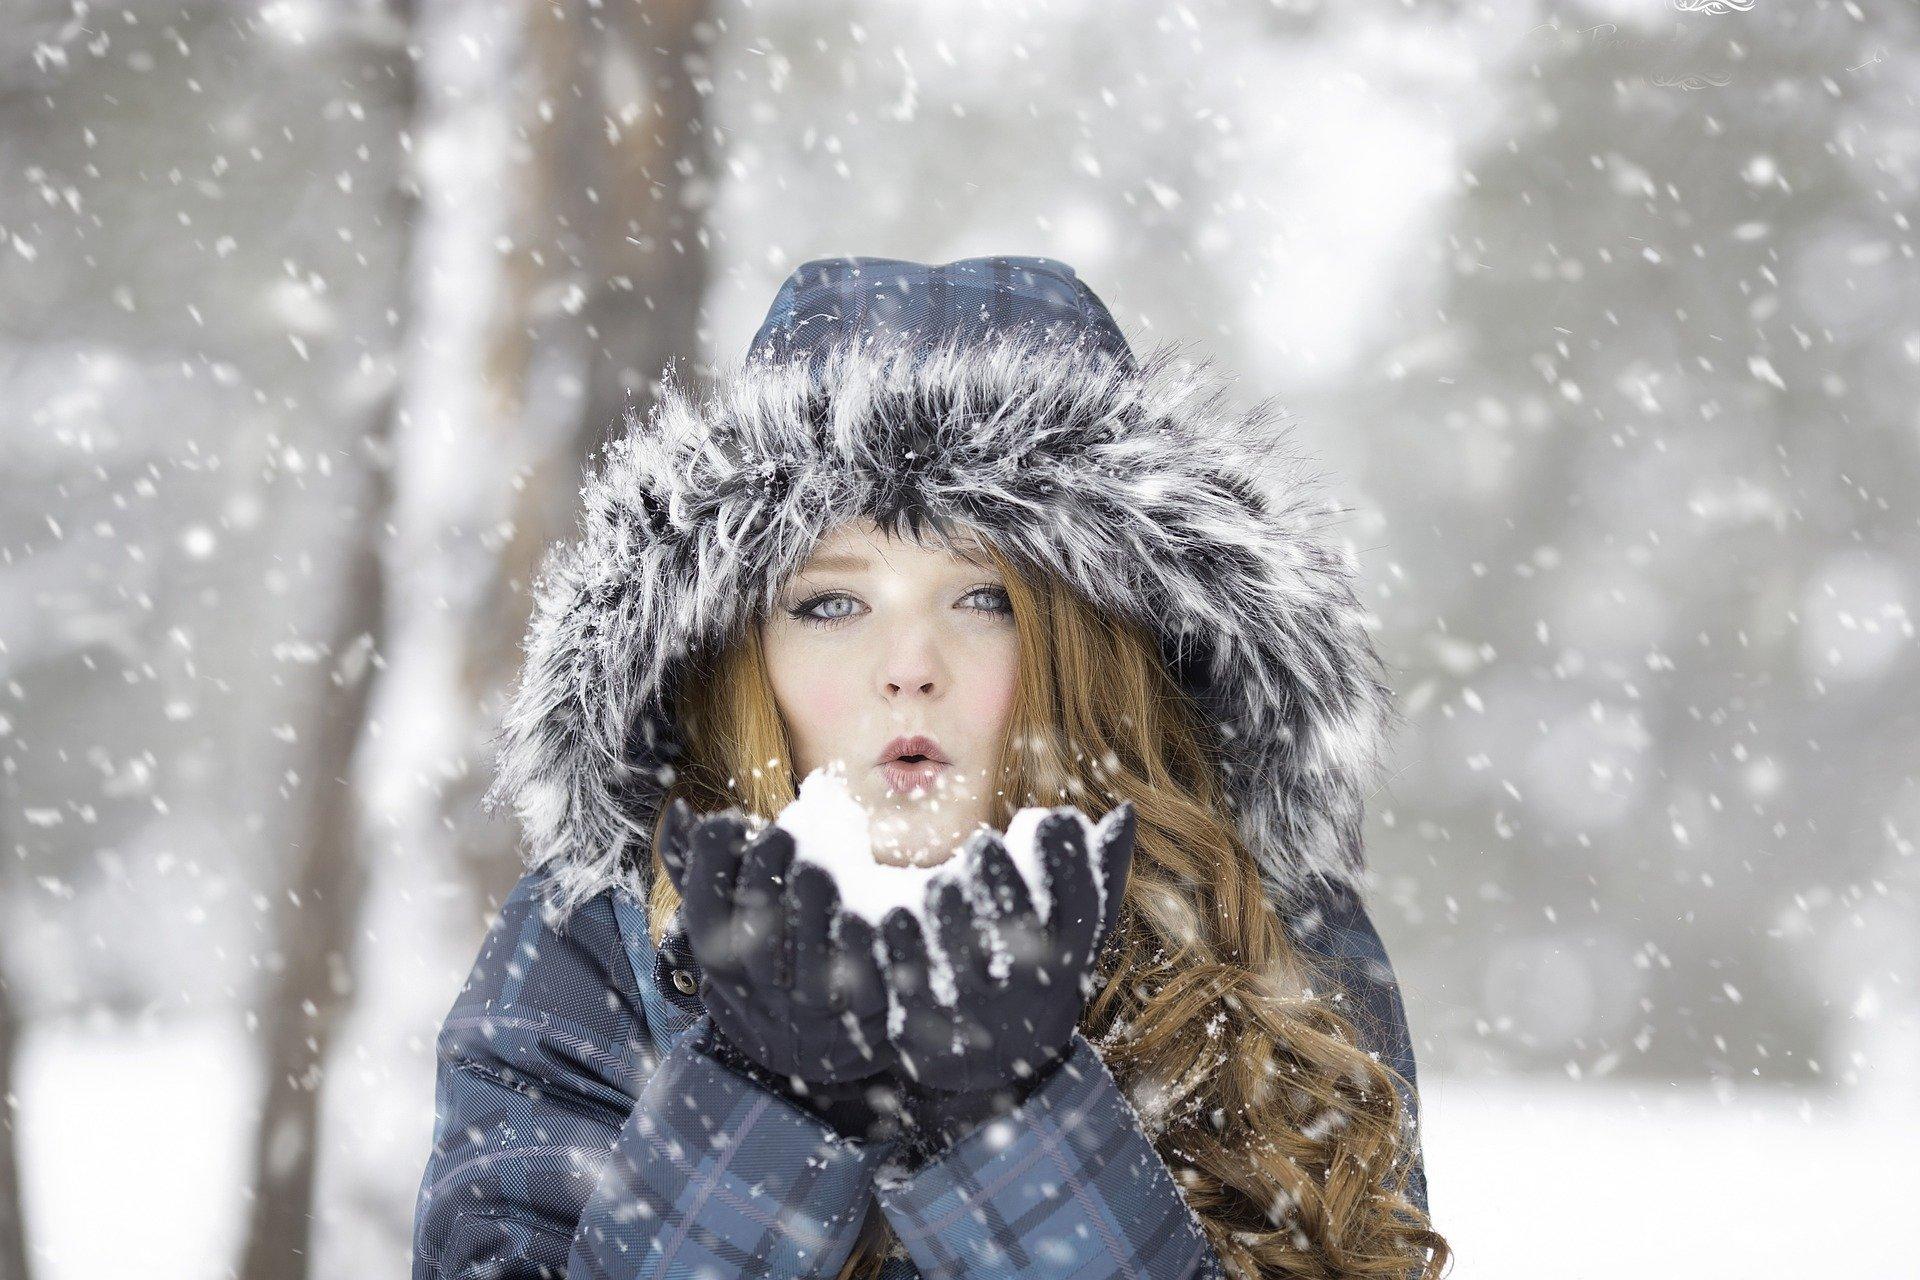 Atenție cum vă îmbrăcați iarna! Hainele negre pun viețile pietonilor în pericol - Cancan.ro